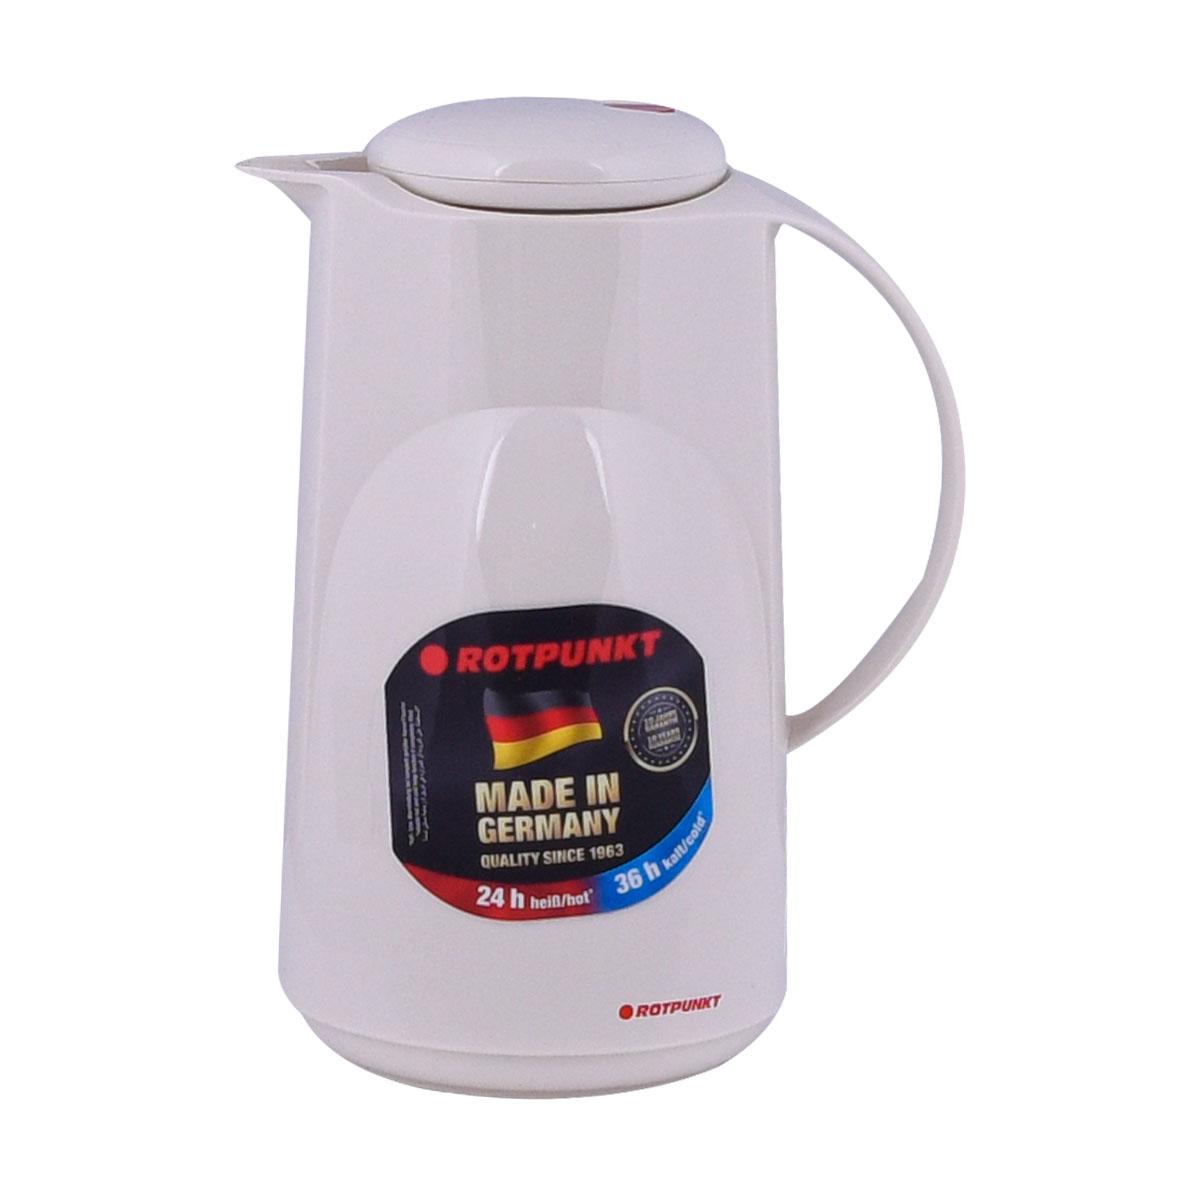 ترمس شاي وقهوة بلاستيك روتبونت الماني , 1 لتر